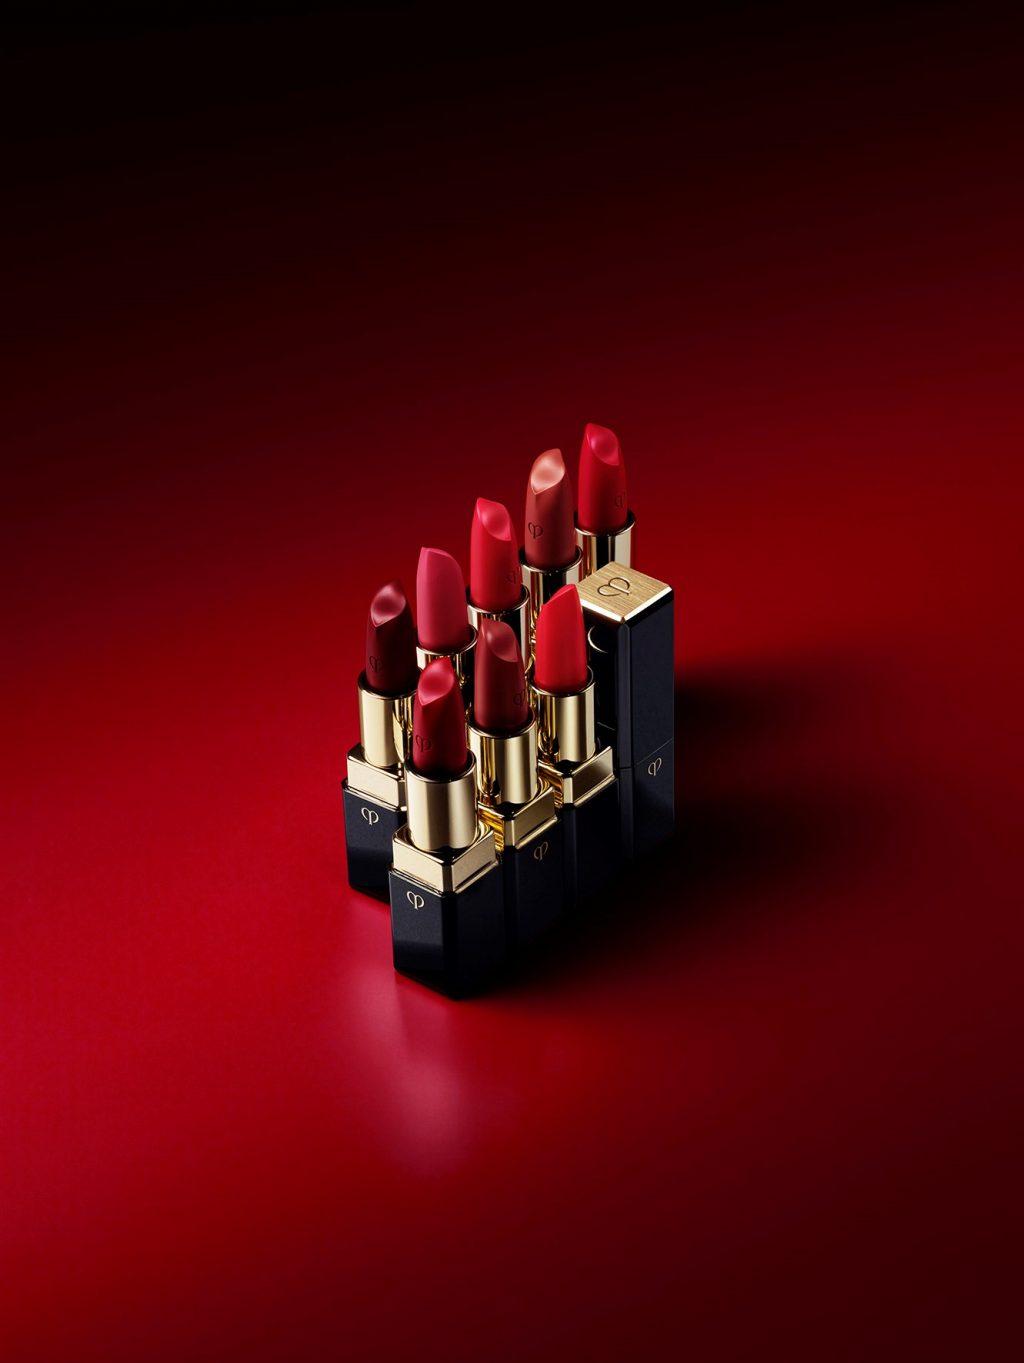 son môi clé de peau lipstick cashmere thu đông 2018 - 01